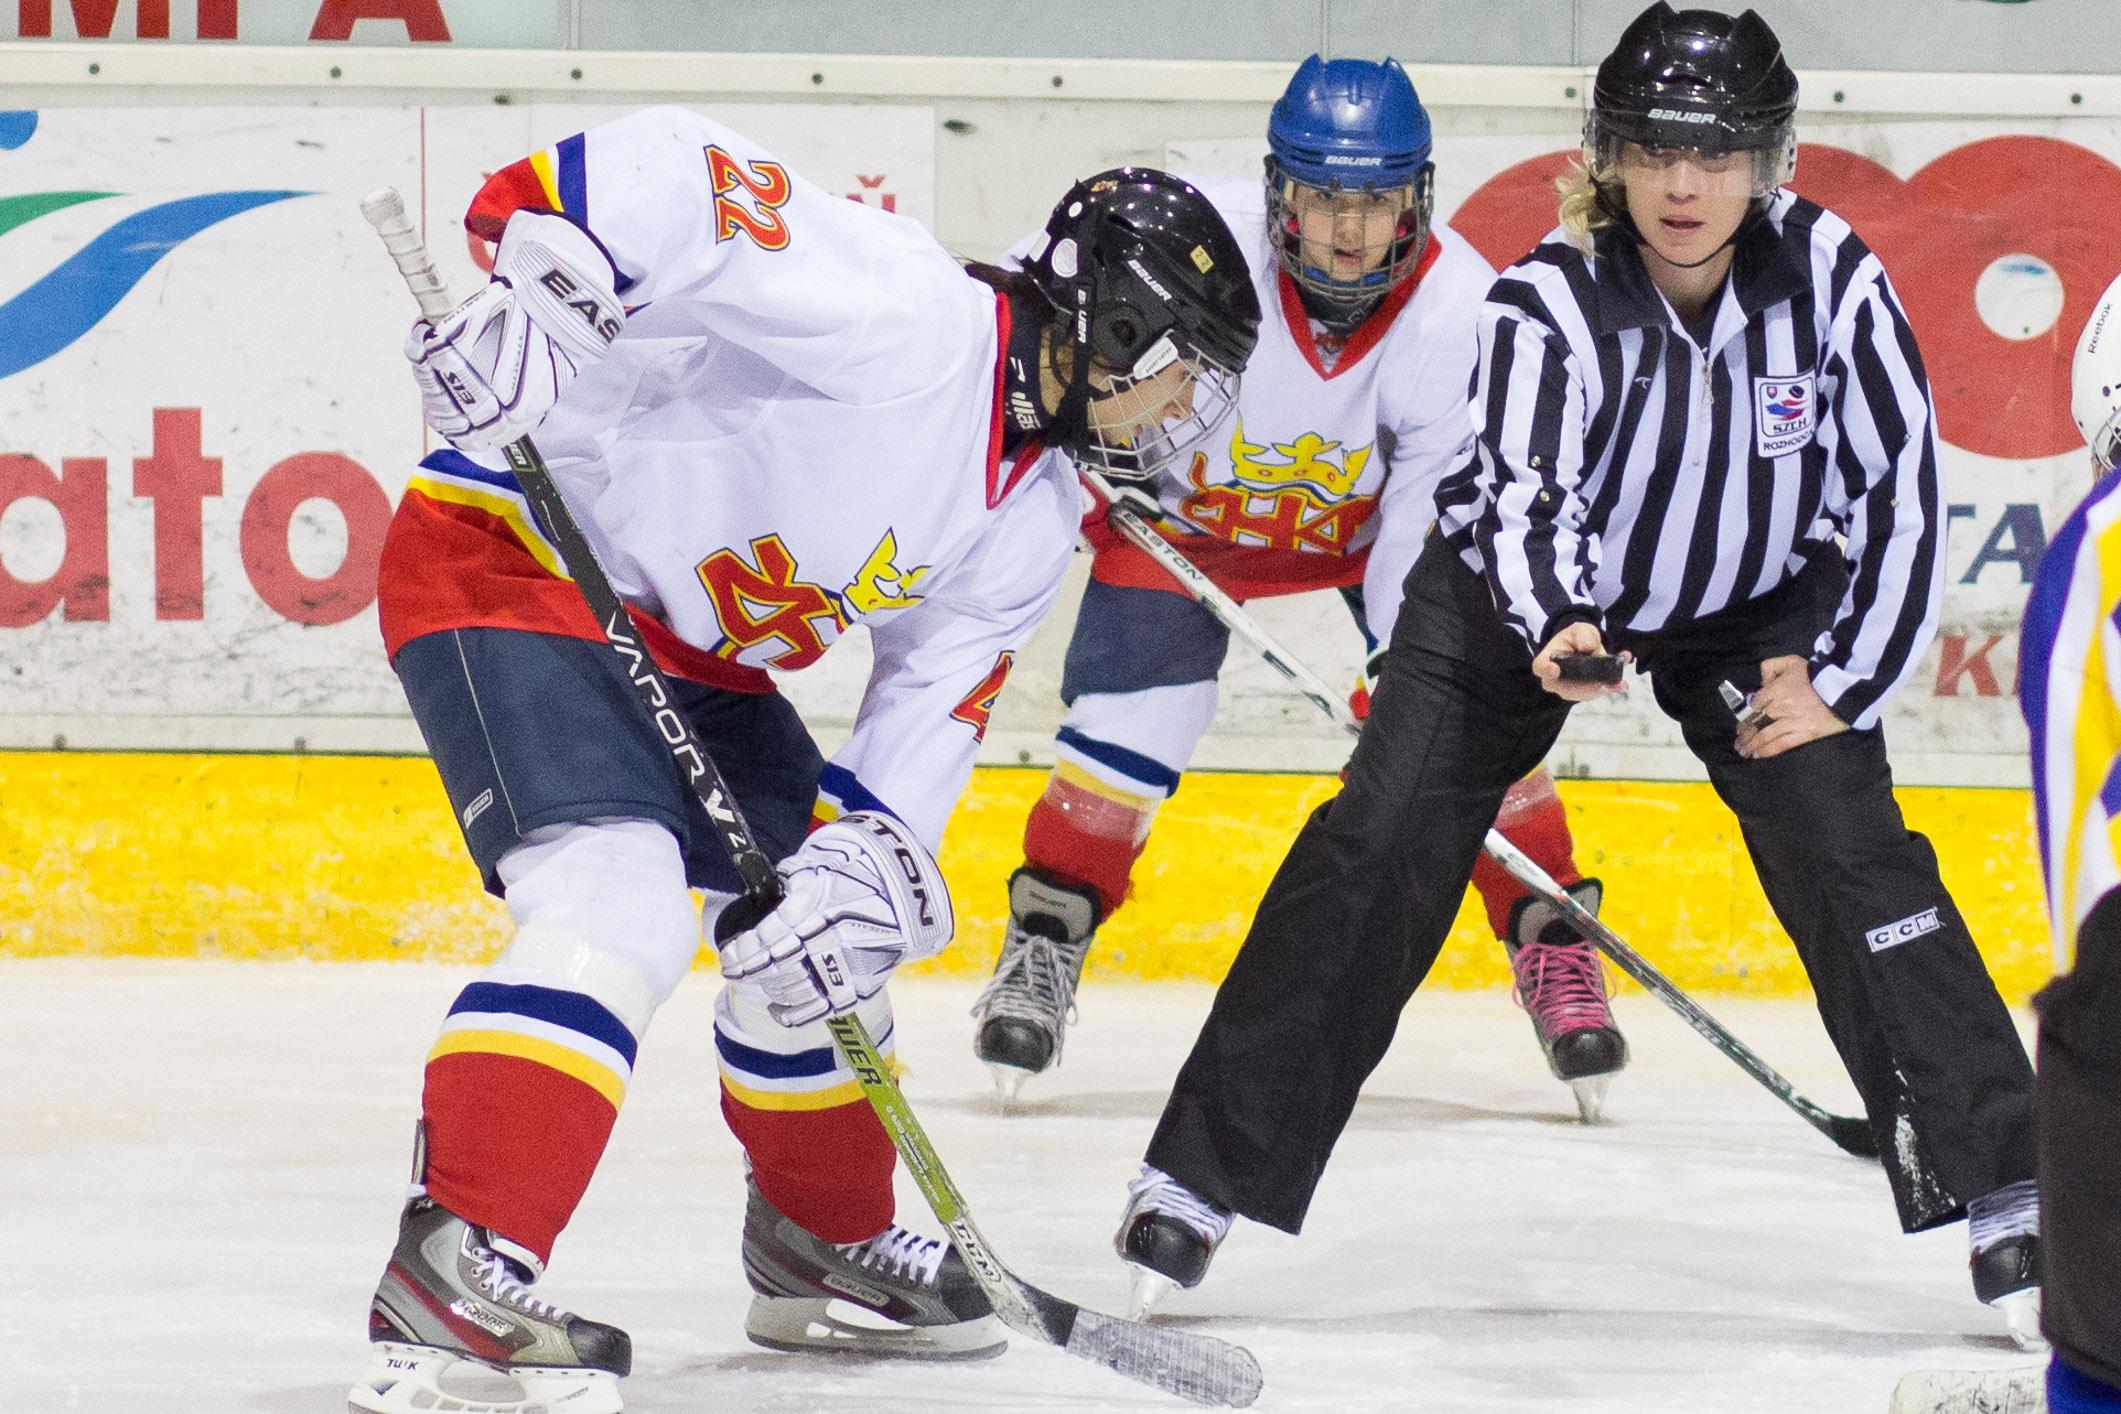 zhkm-zvolen-hc-spisska-nova-ves-hokej-10